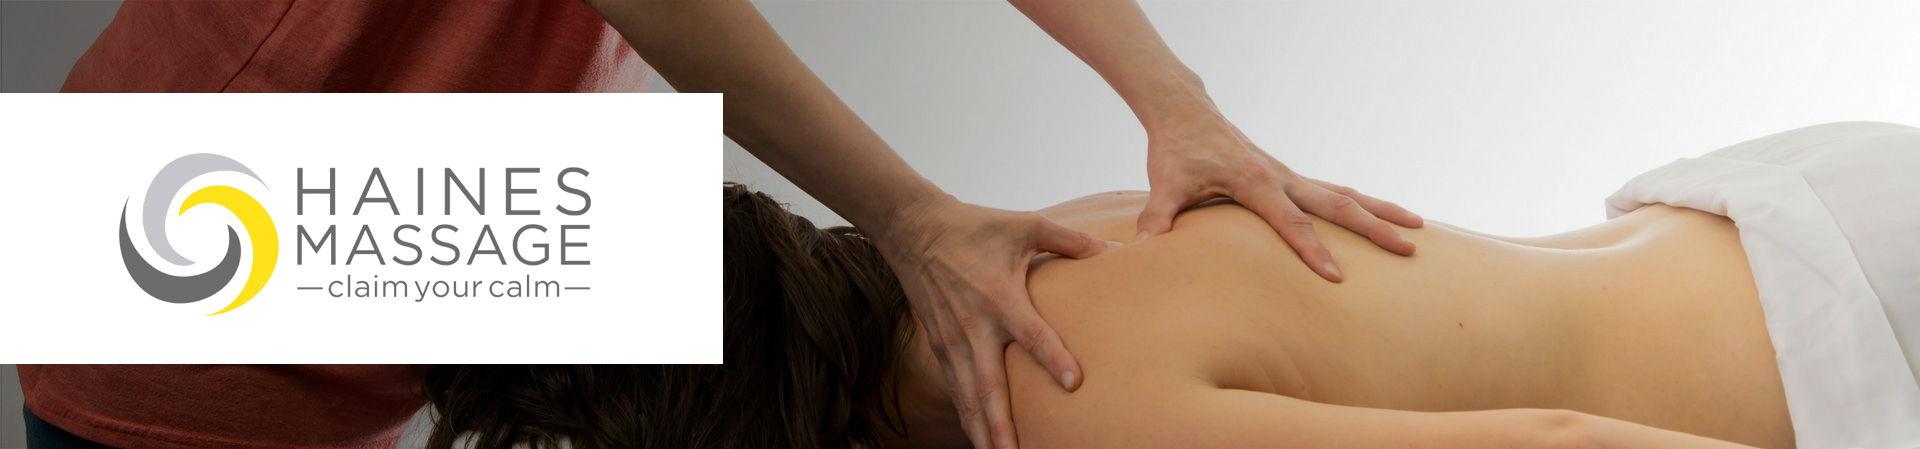 Haines Massage